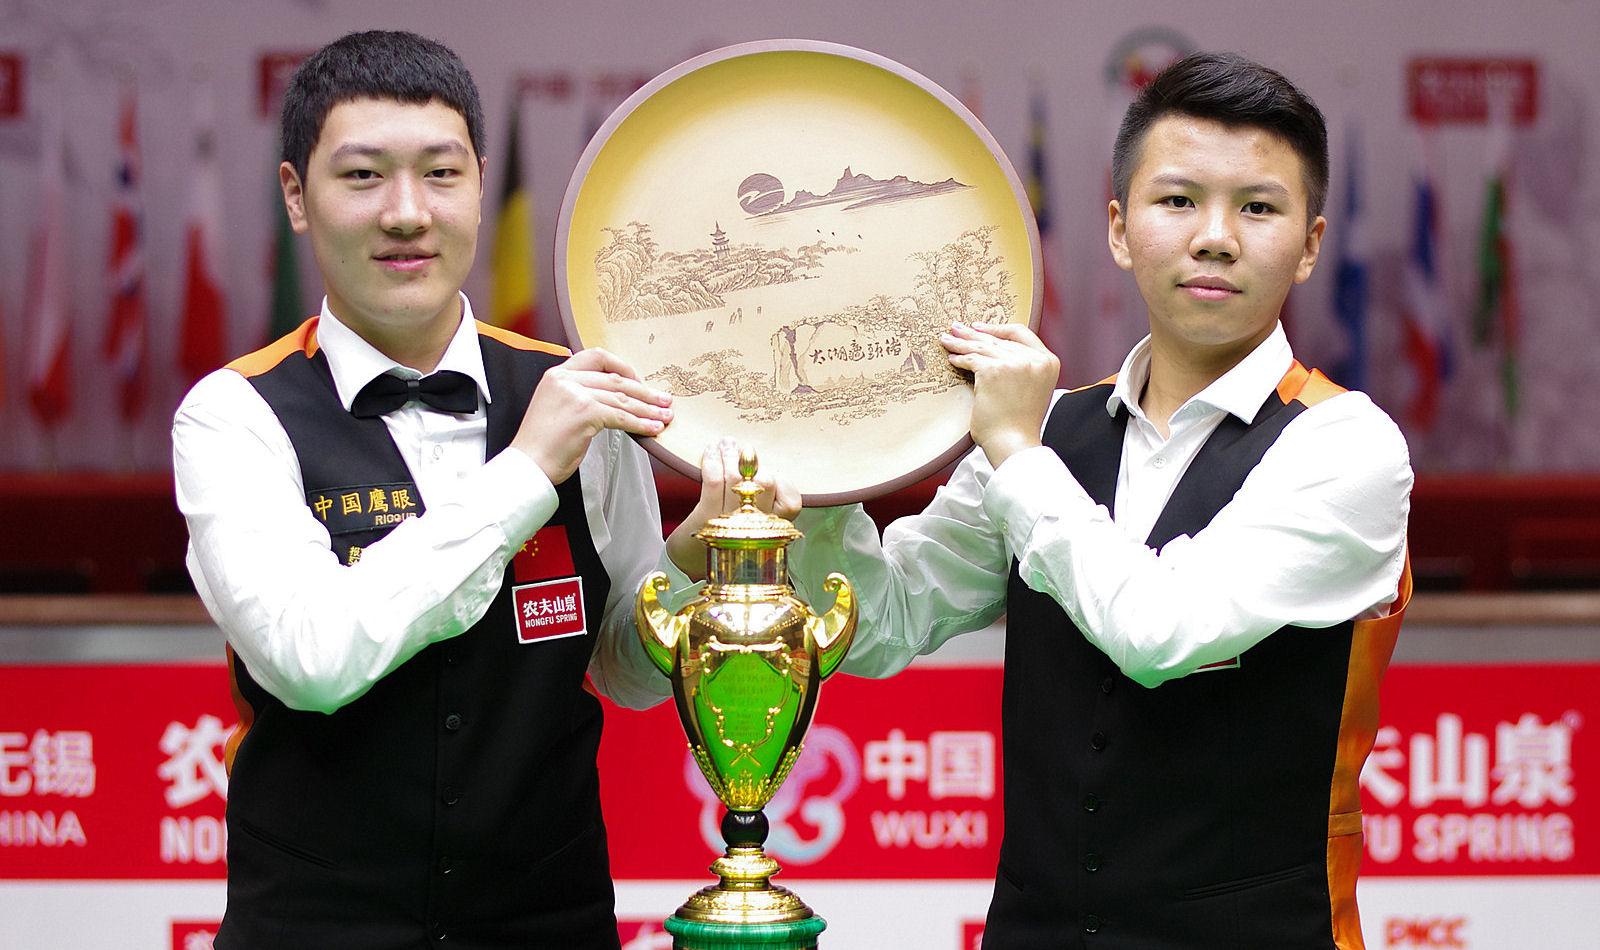 Zhou and Tan